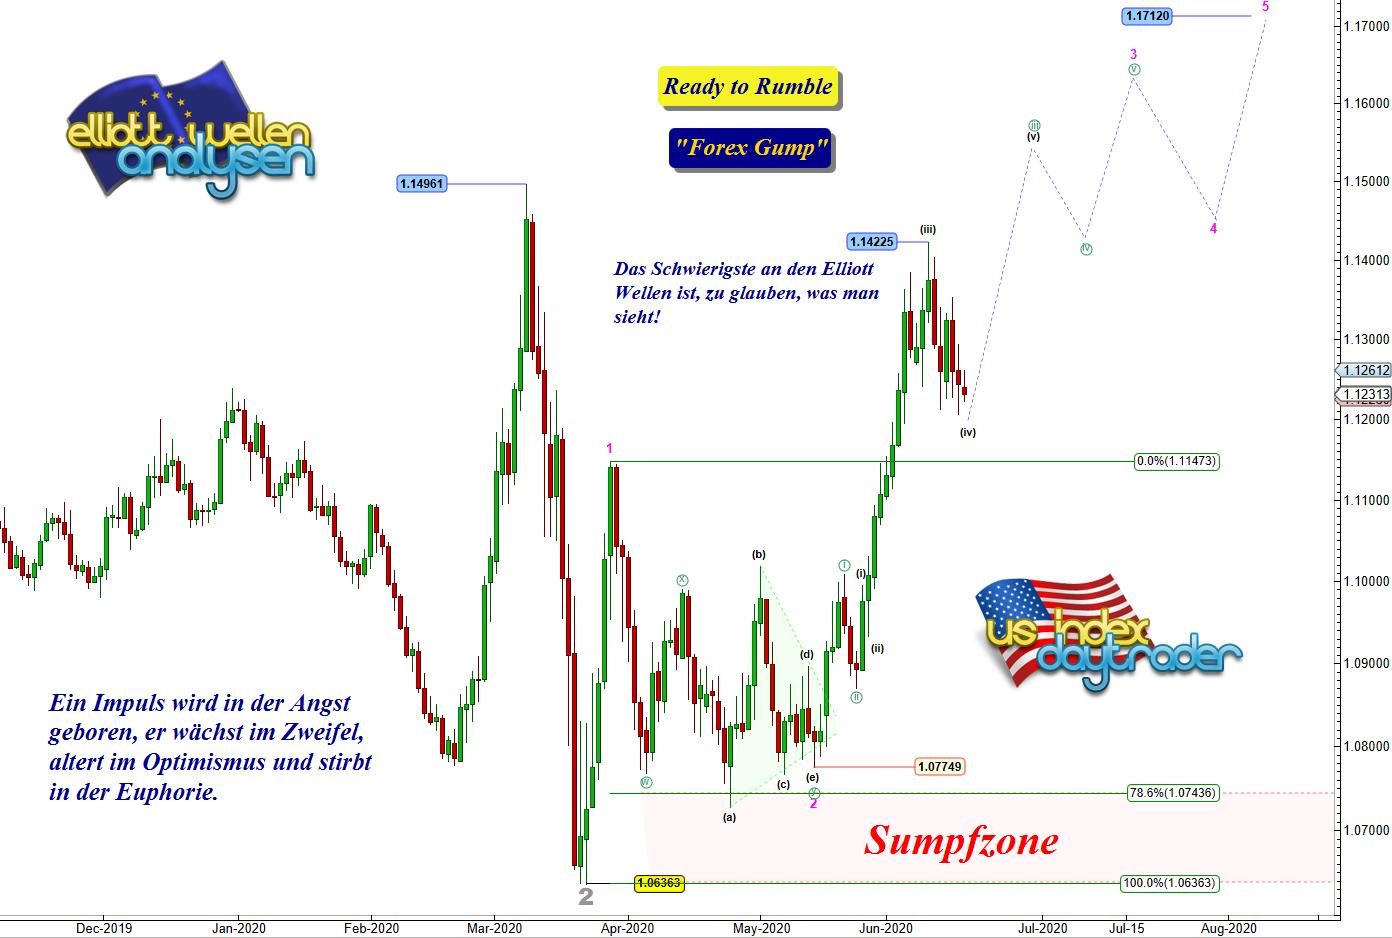 EW-Analyse-EUR-USD-Liebe-Bären-gebt-fein-acht-André-Tiedje-GodmodeTrader.de-1